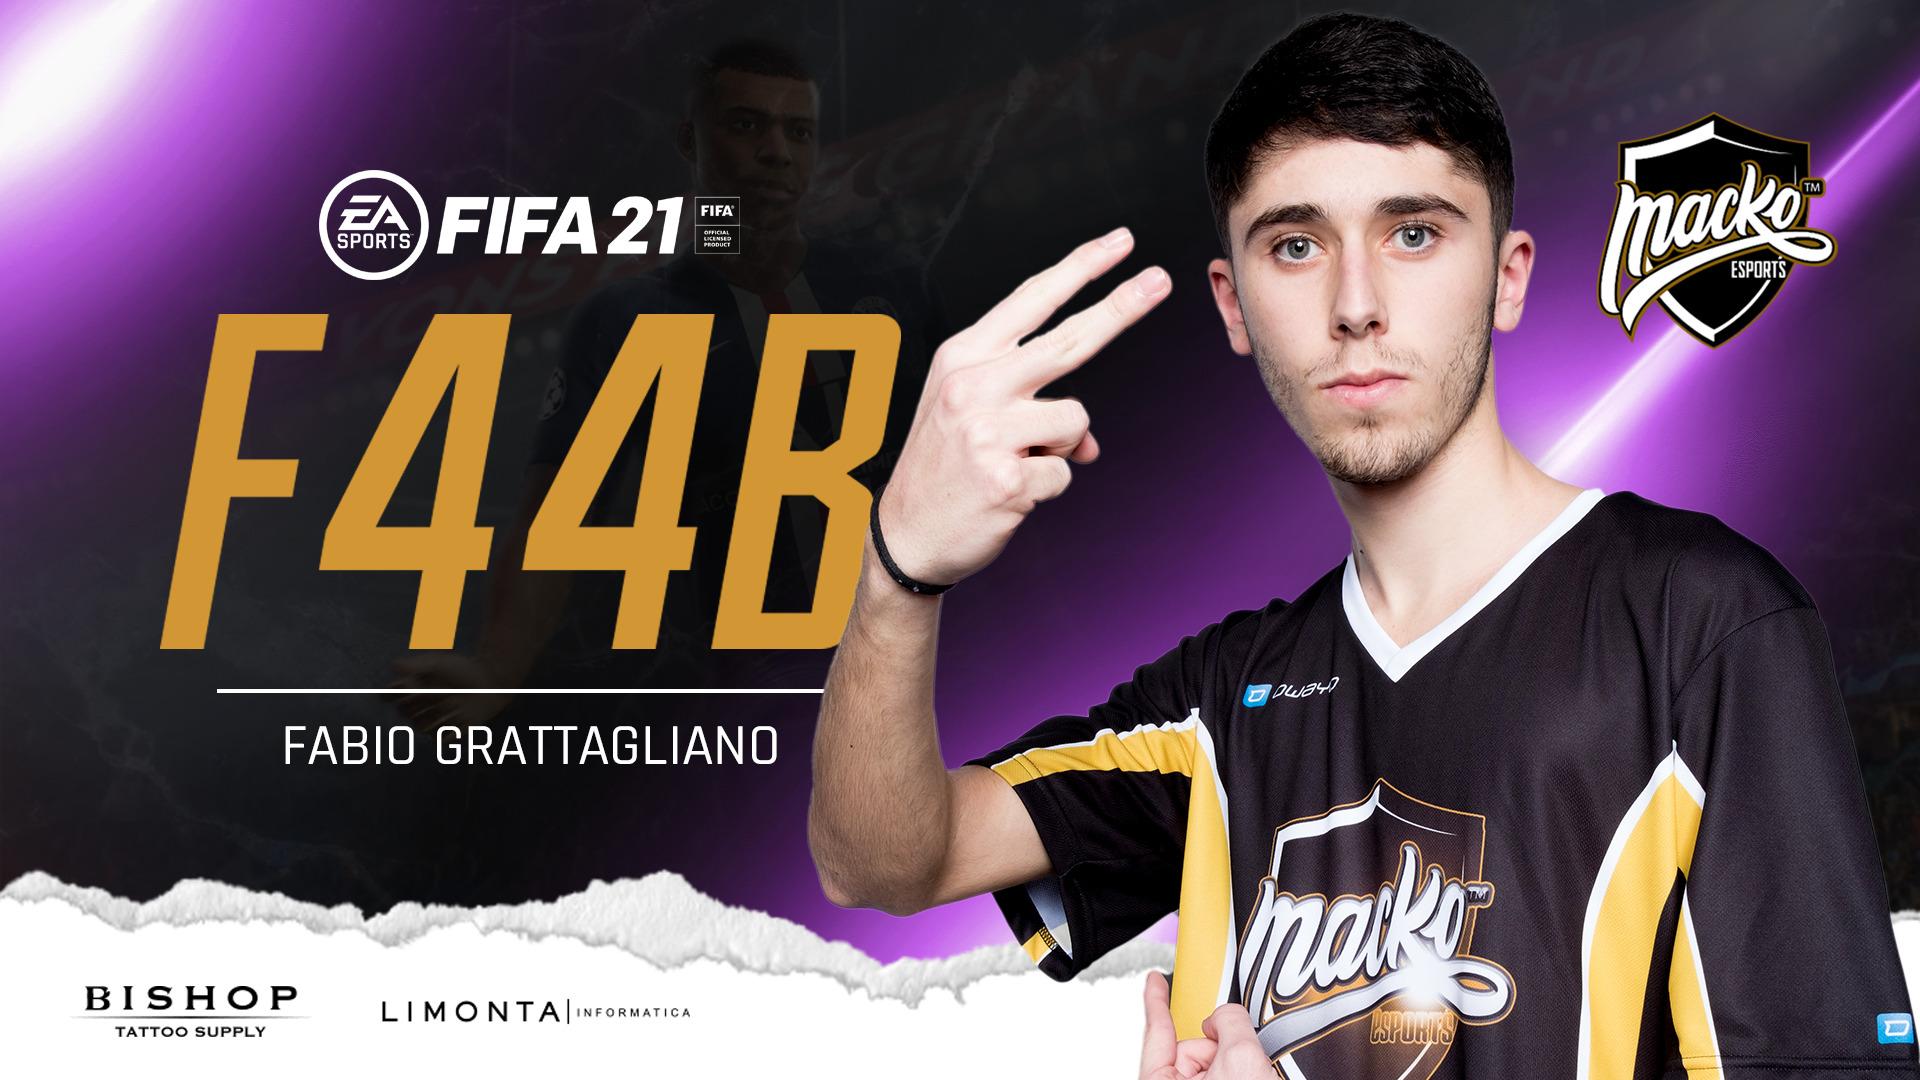 MACKO Esports Fifa21